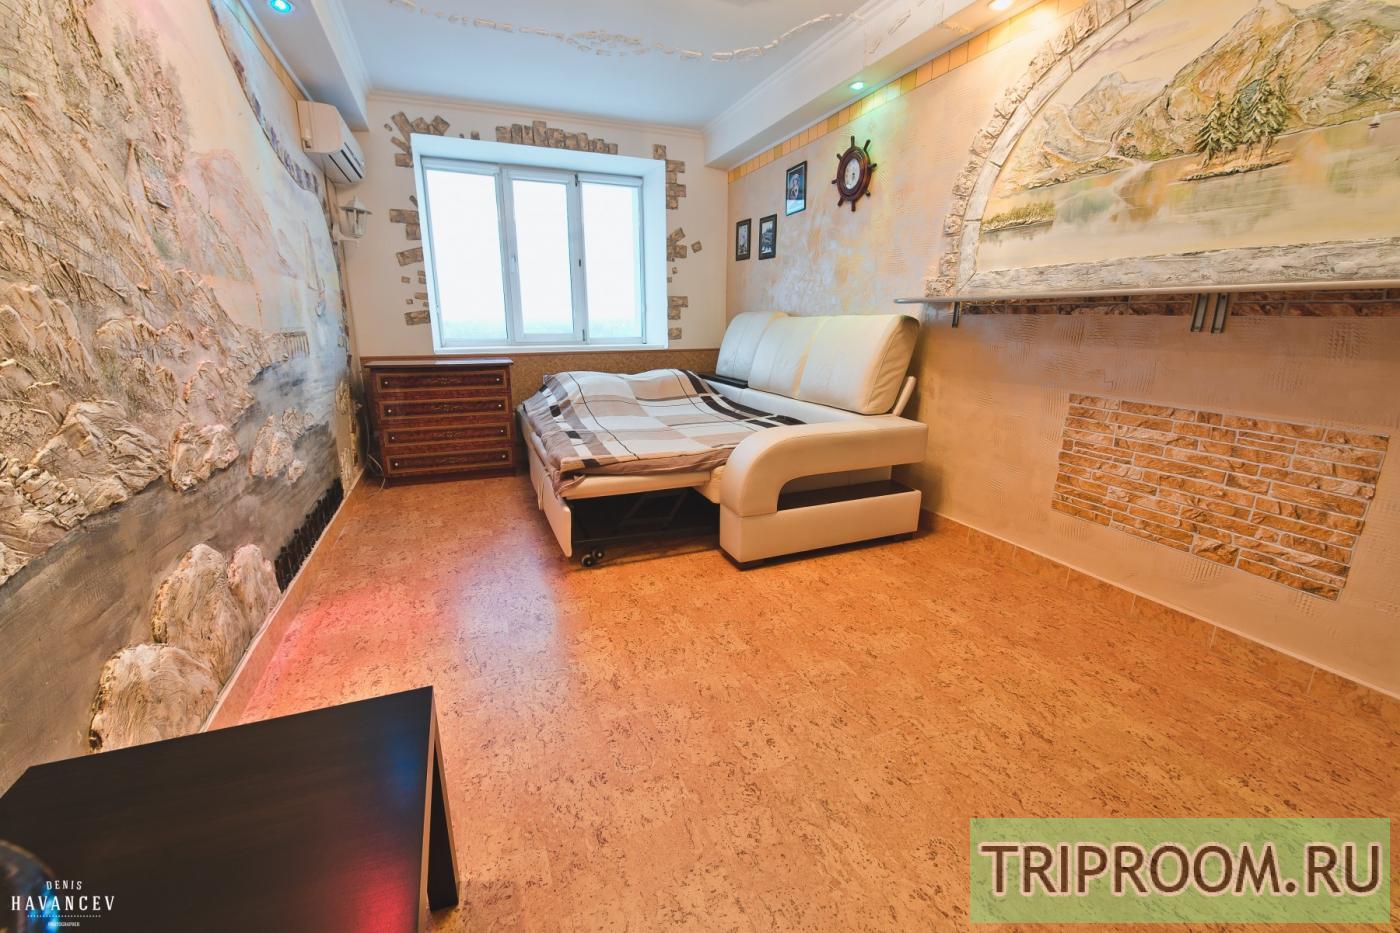 1-комнатная квартира посуточно (вариант № 14828), ул. 1-й Магнитный проезд, фото № 3